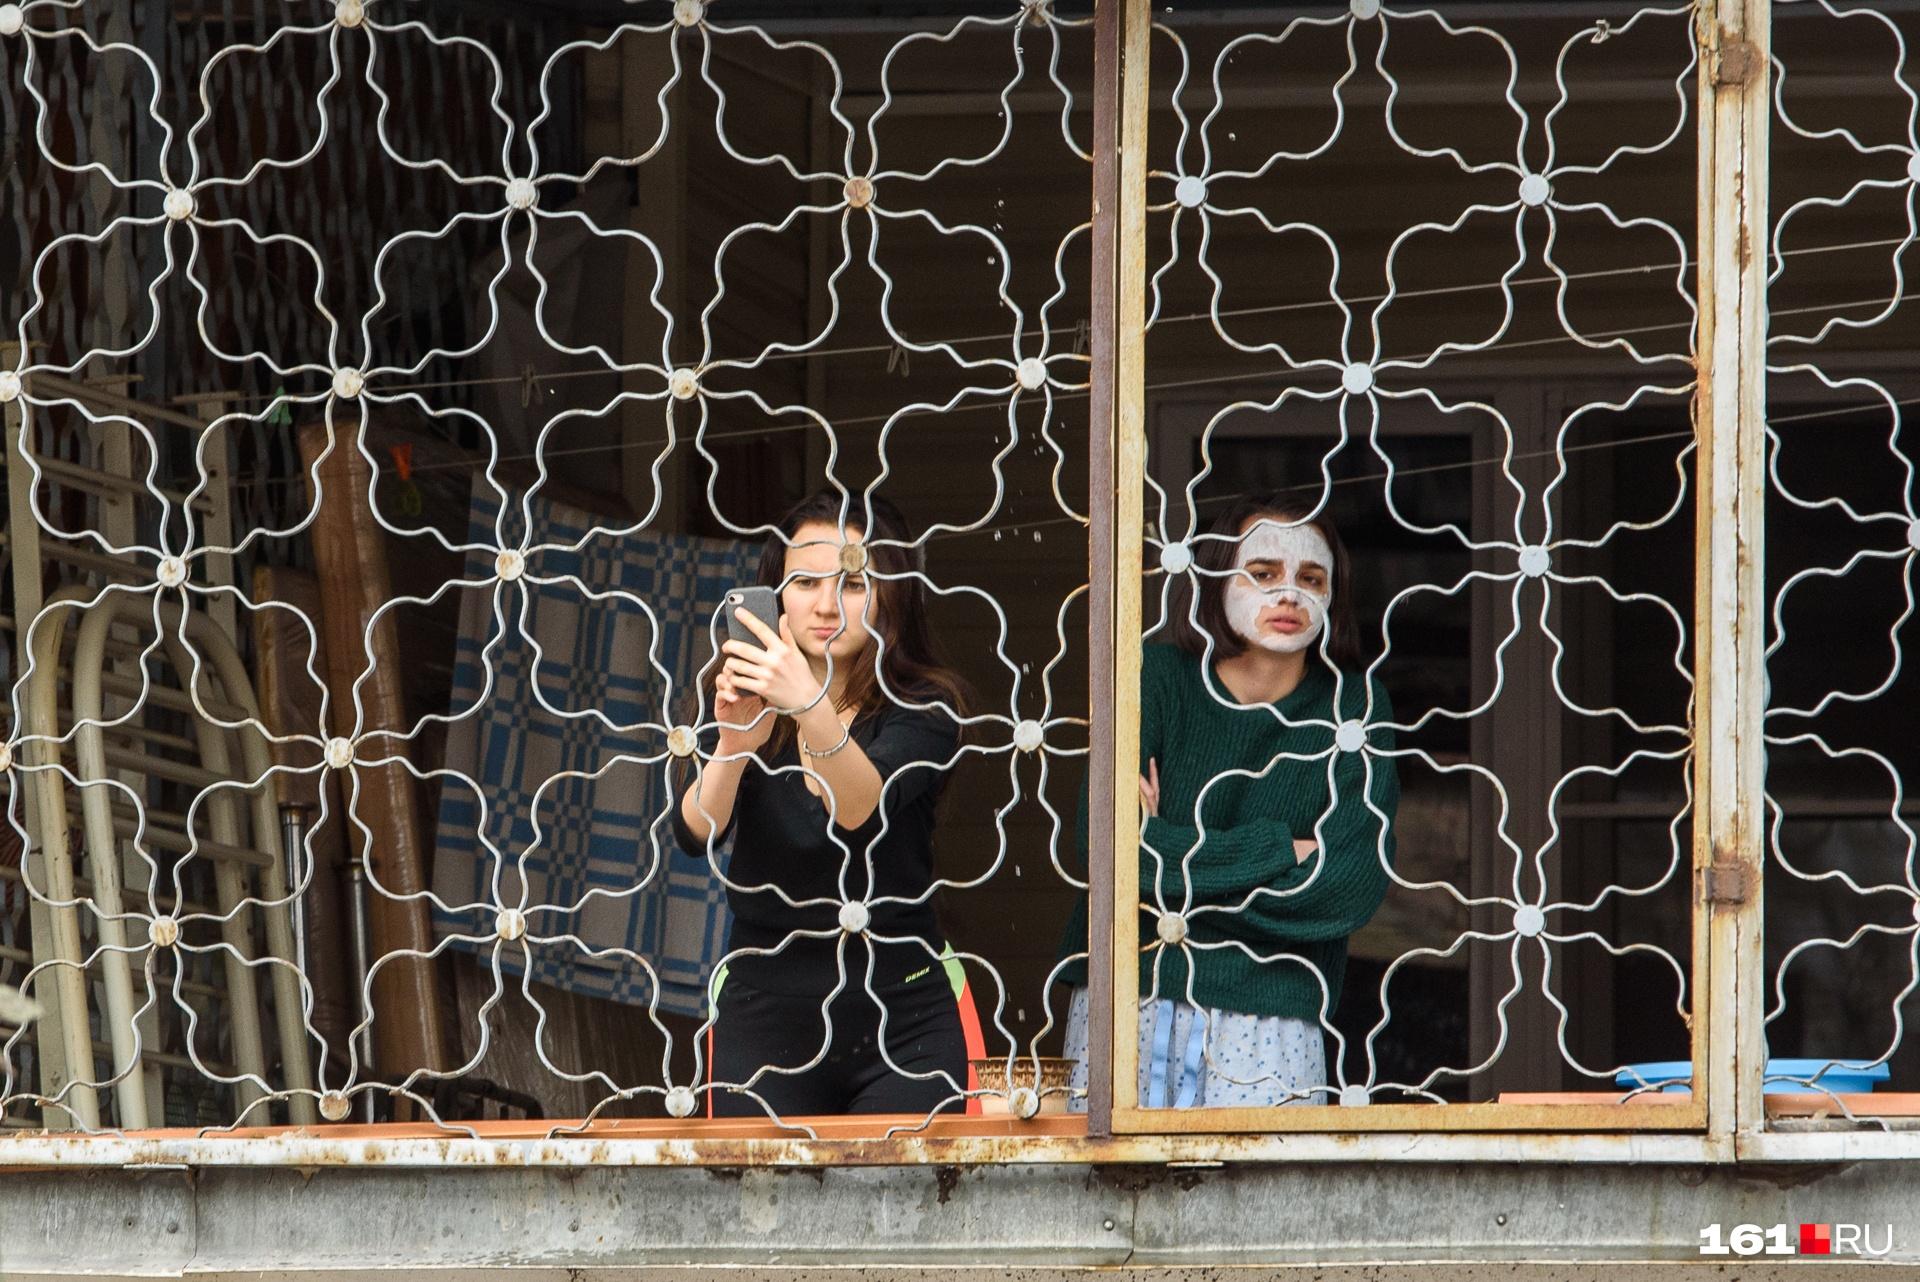 Жители окружающих домов смотрели за акцией со своих балконов